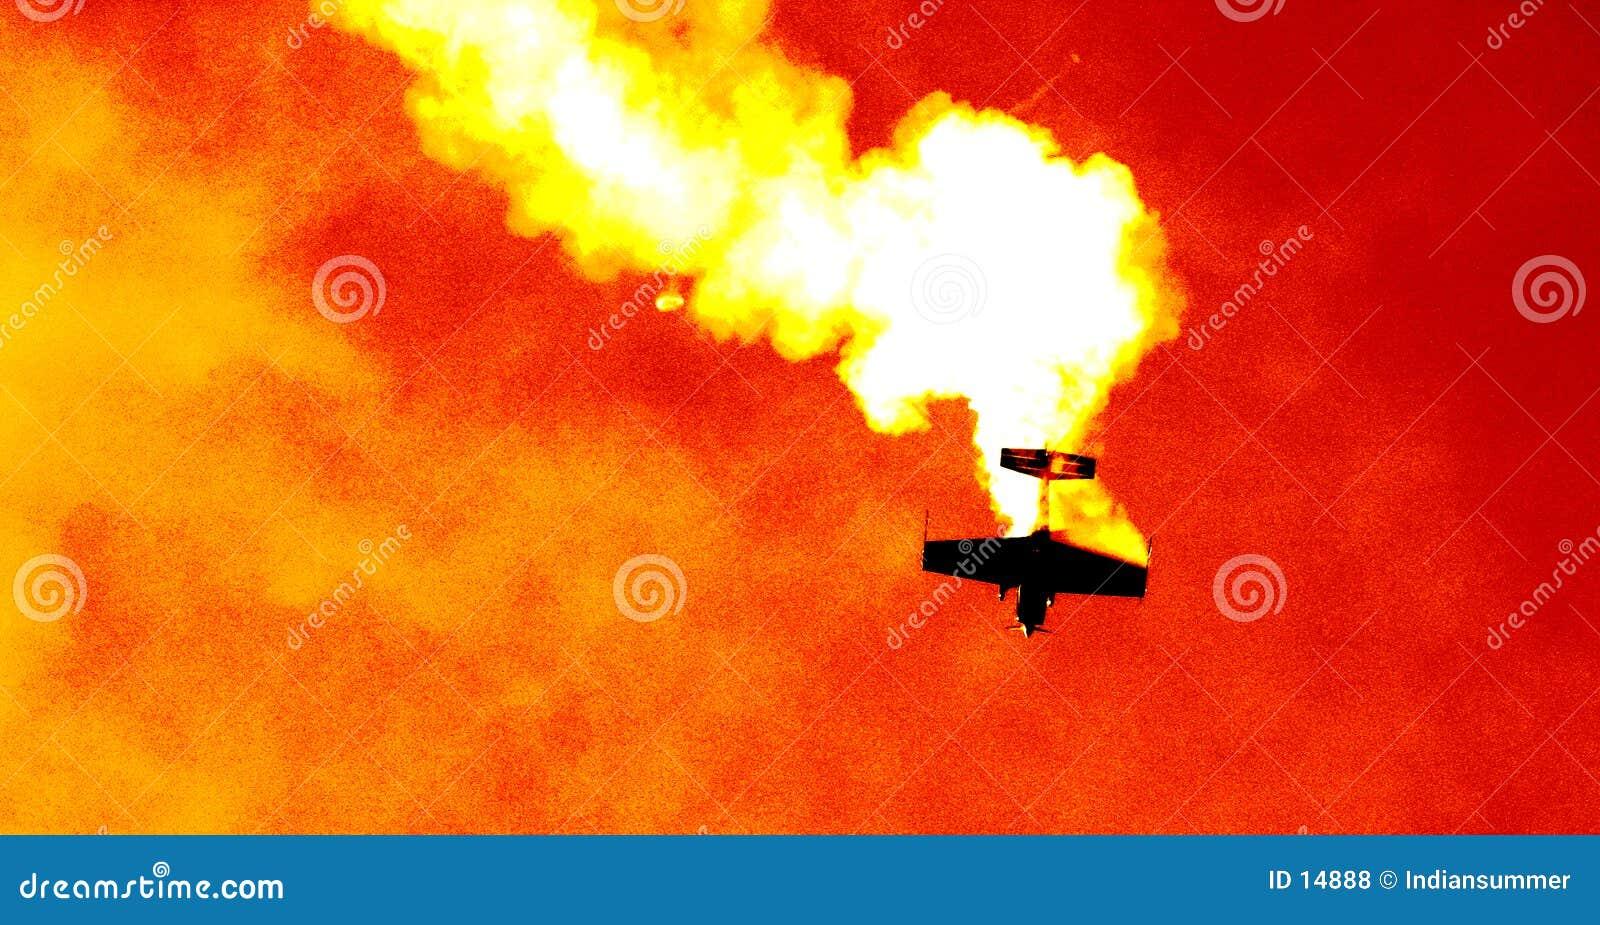 Plane in the cloud of smoke III